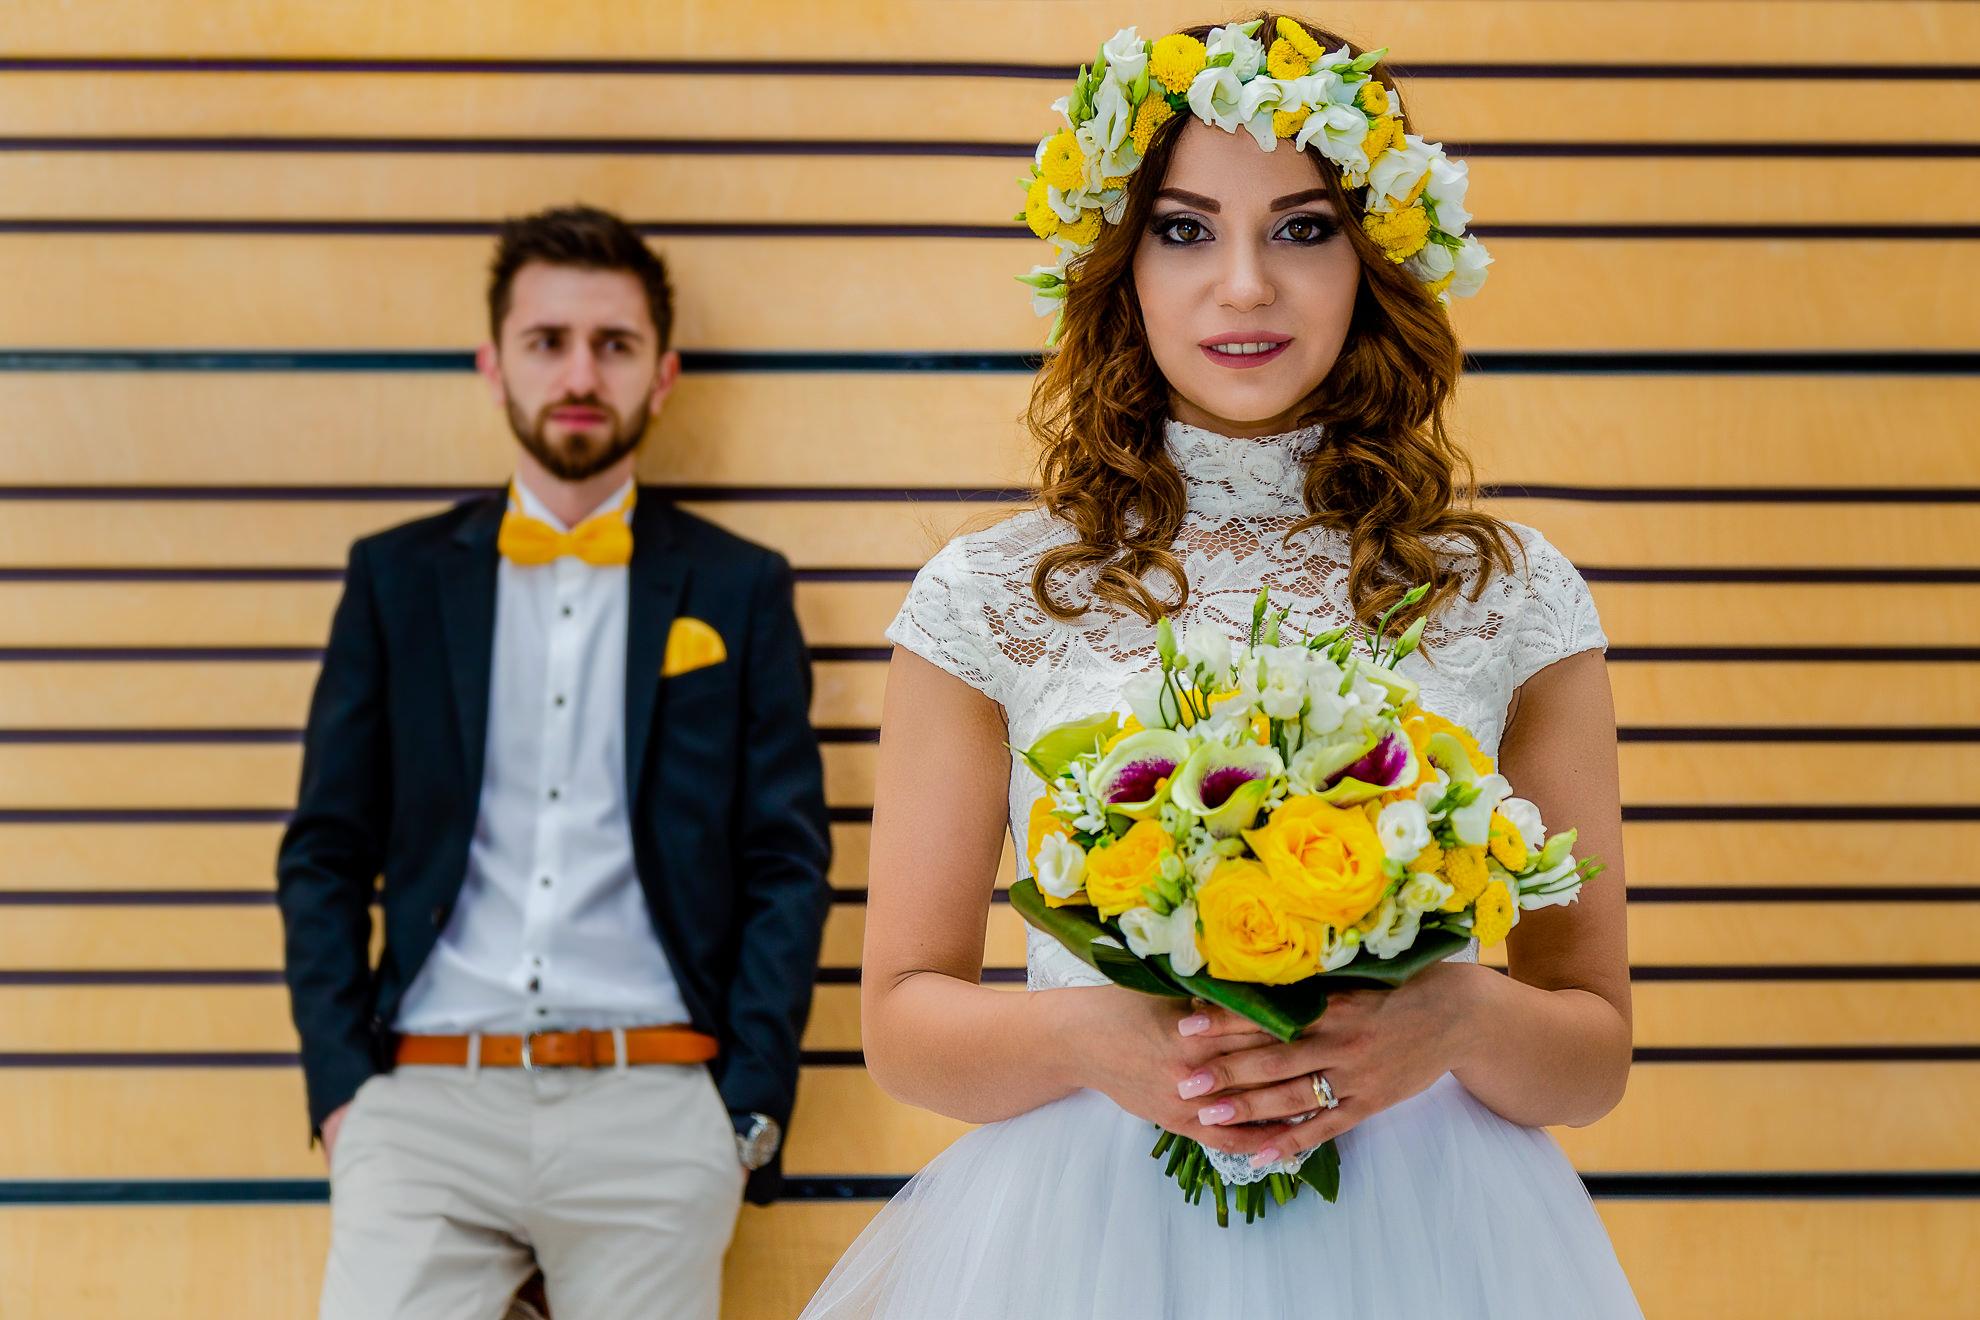 Sedinta foto de cuplu Bucuresti - Antonio Socea - Membru Fotografi si cameramani